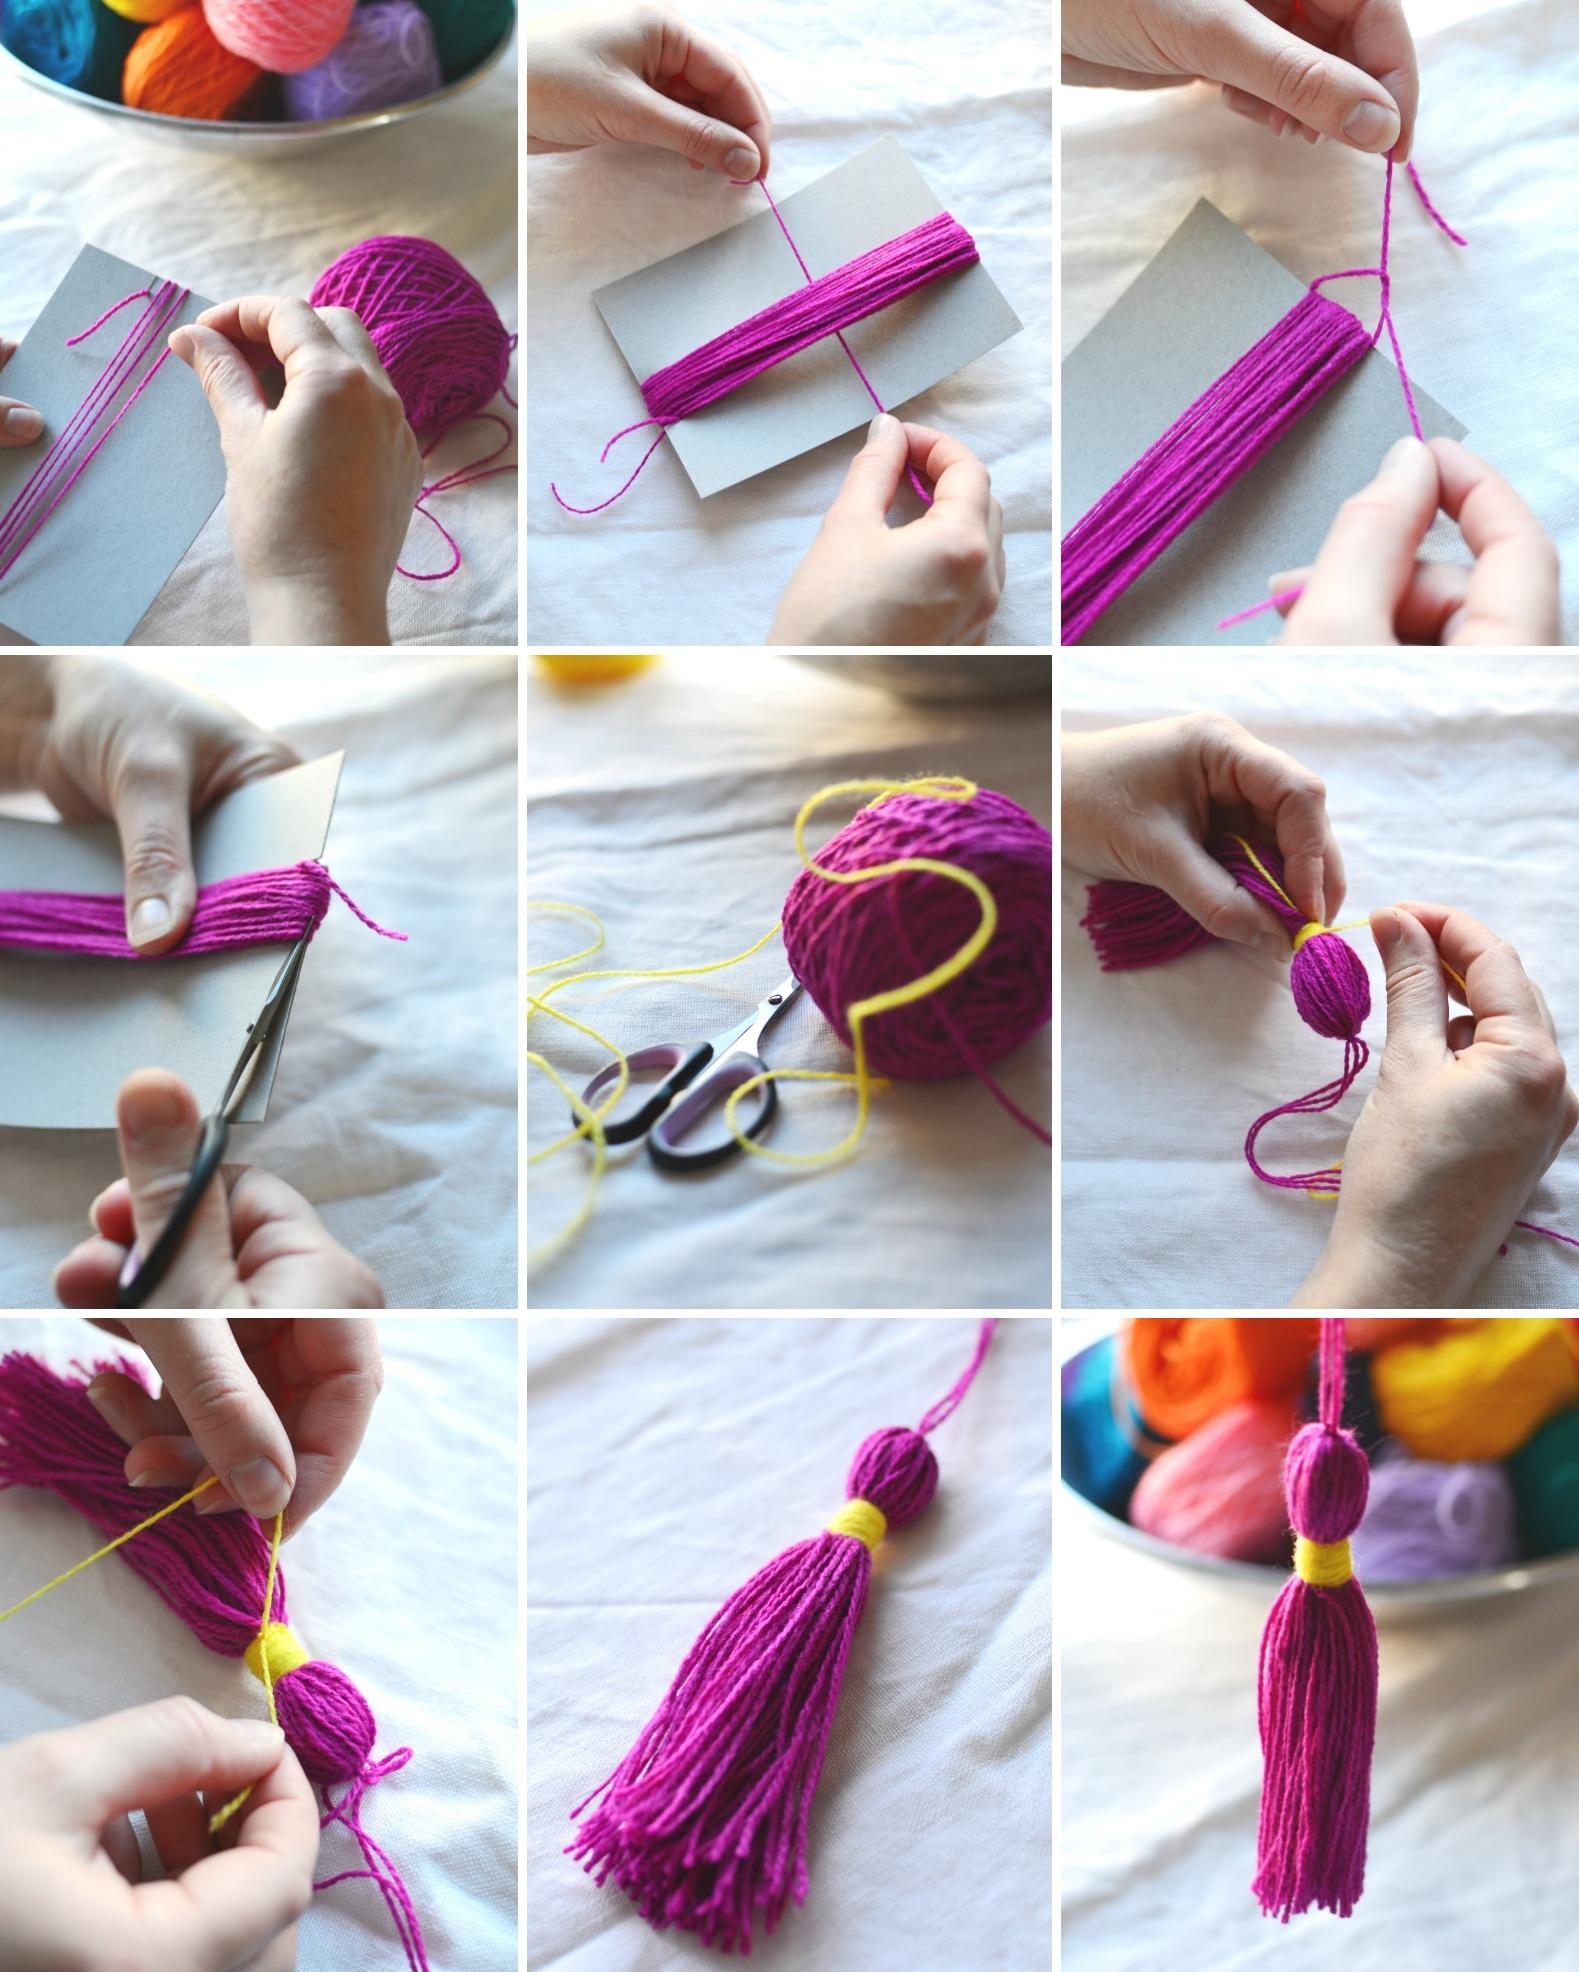 Поделки из ниток своими руками: креативные поделки из ниток пошагово